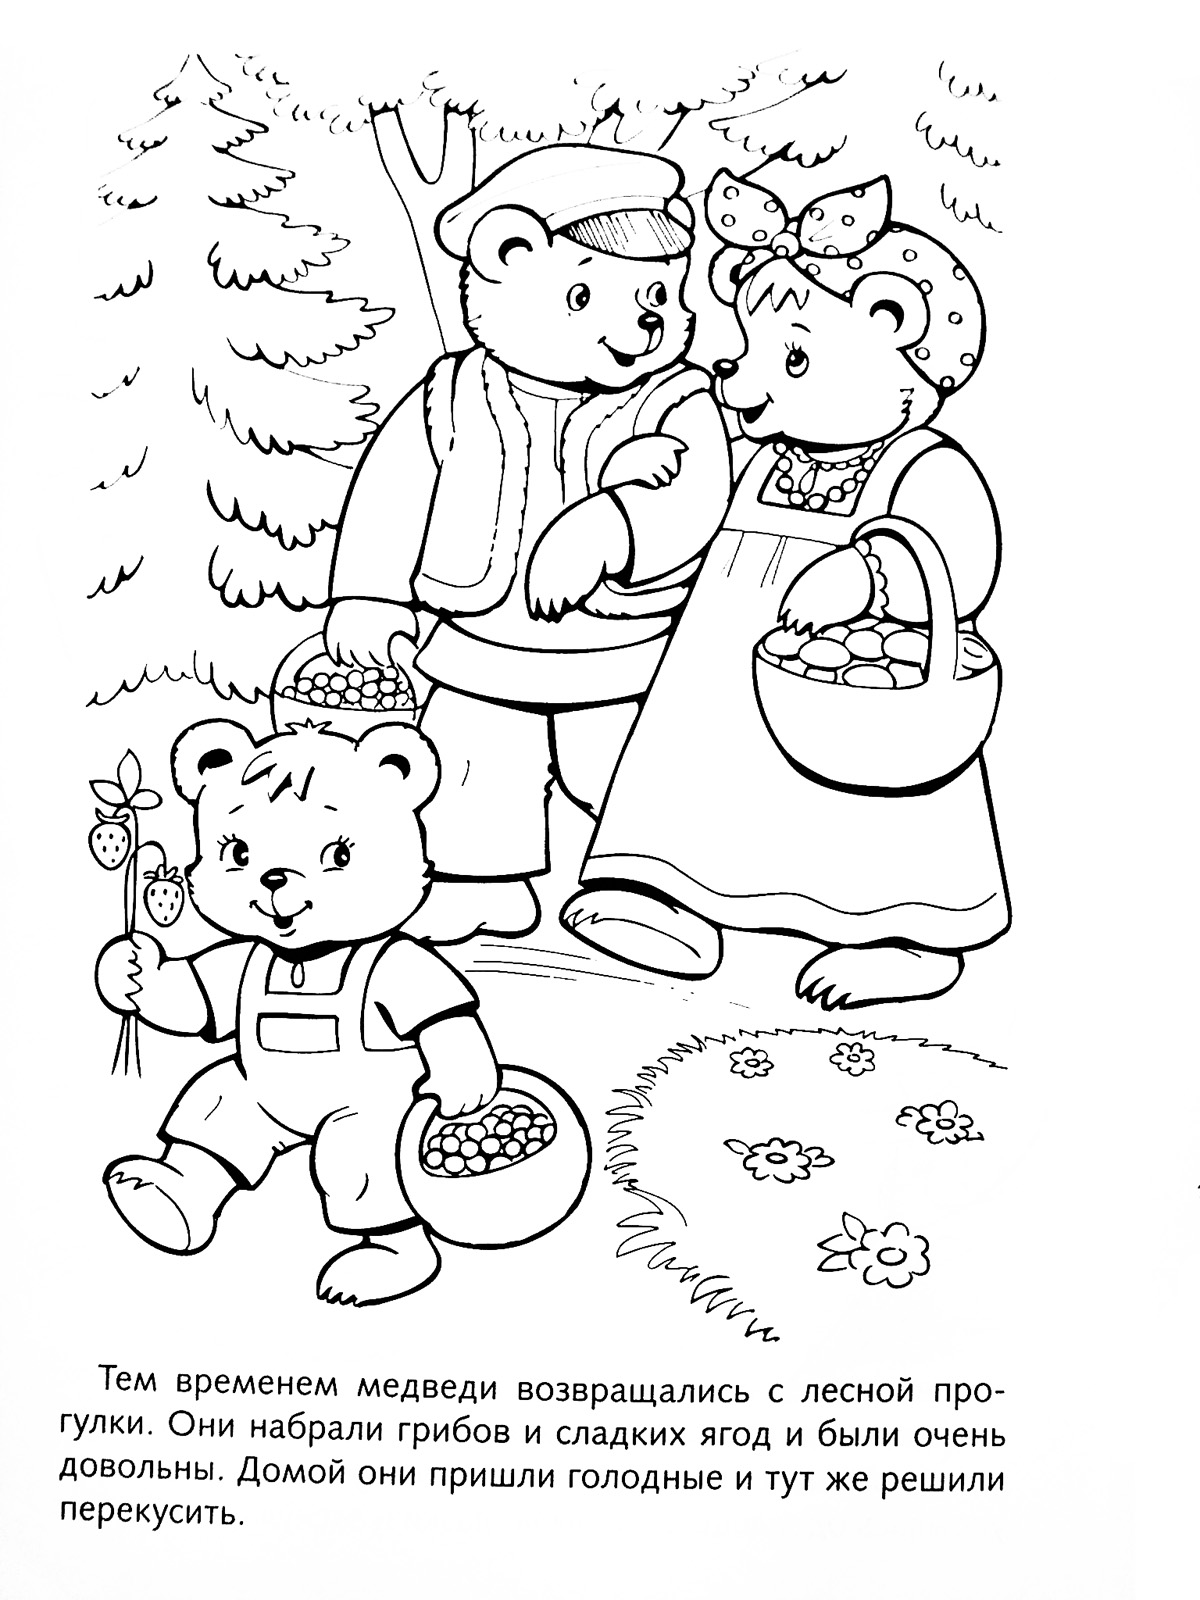 Скачать бесплатно книгу три медведя